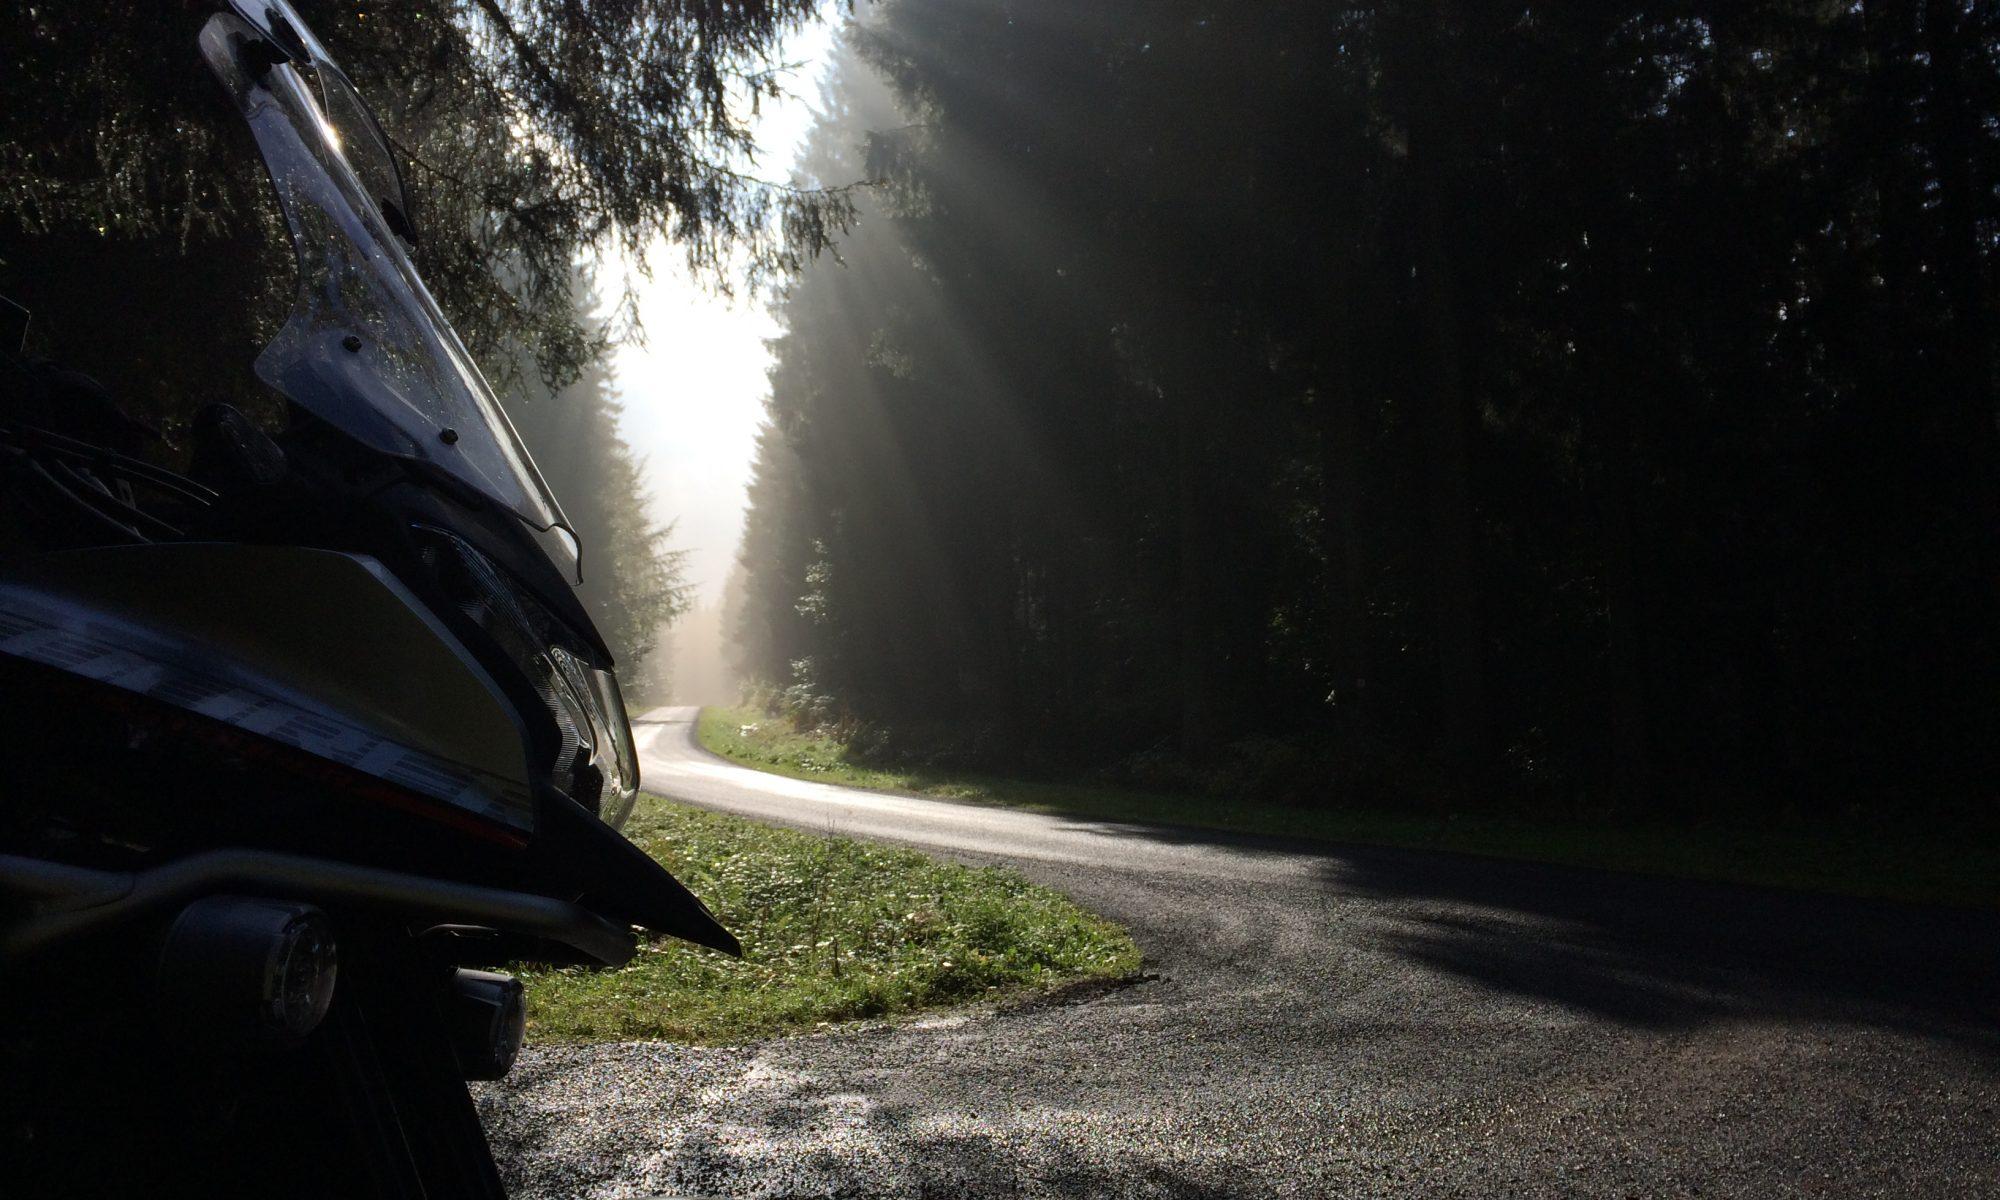 MotorRijplezier.com